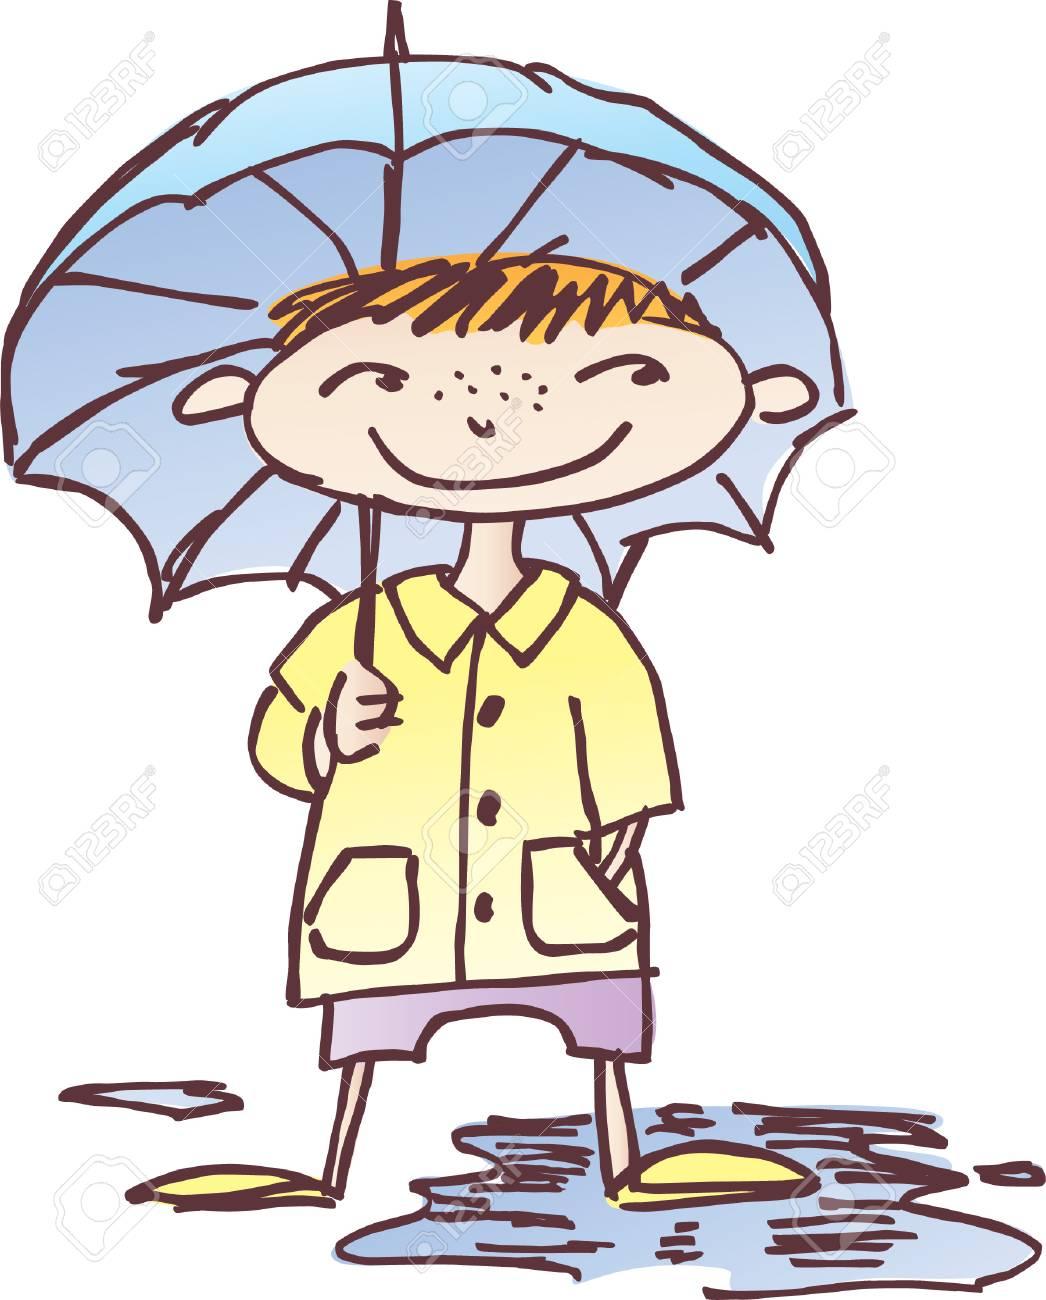 Dessin Vectoriel De La Petite Fille Avec Un Parapluie Dessiné Dans Le Style D Un Croquis